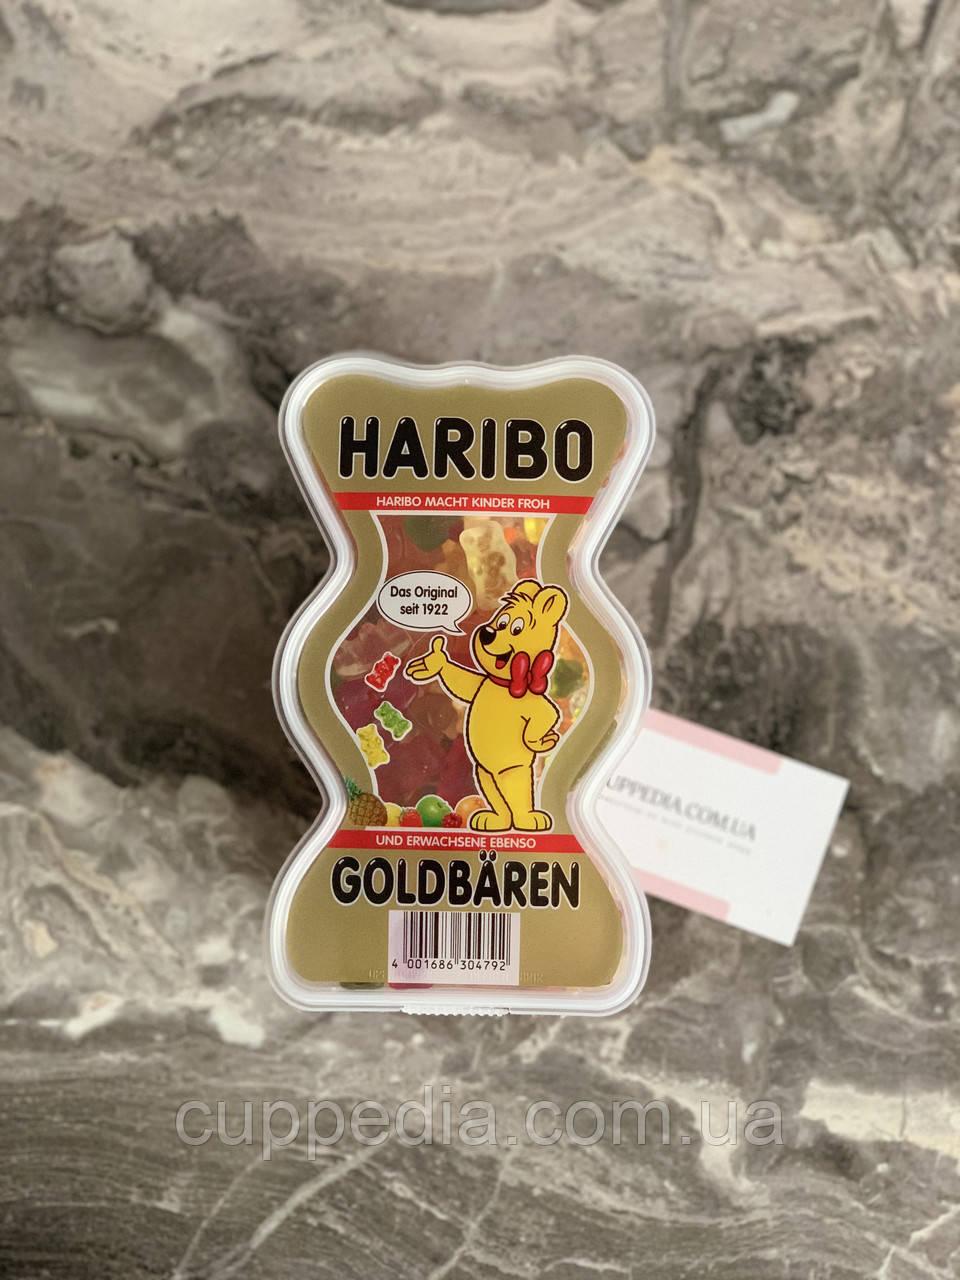 Жувальні цукерки Haribo Goldbaren у формі ведмедика 450 грм